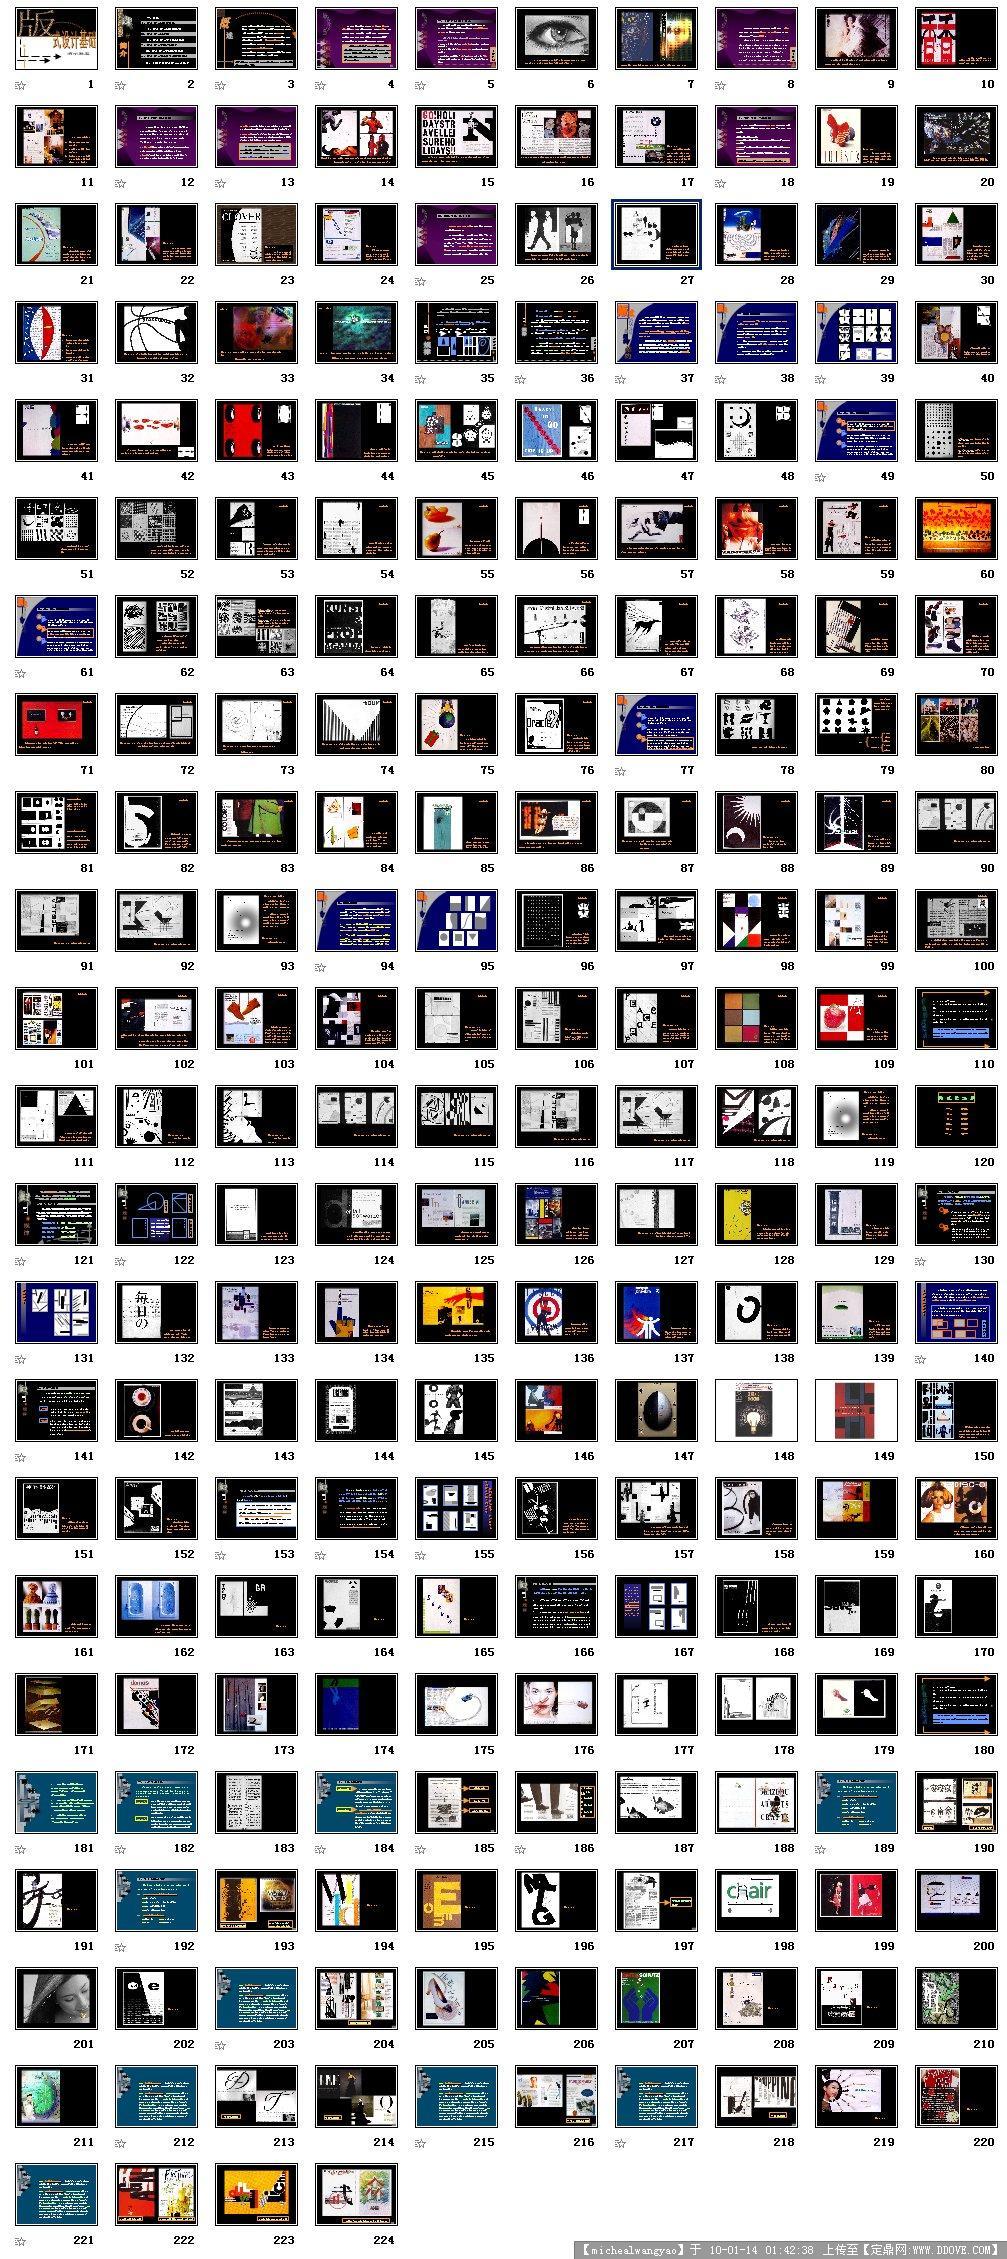 定鼎网 定鼎室内 室内其他资料 讲稿课件 版式设计基础ppt230多张  2